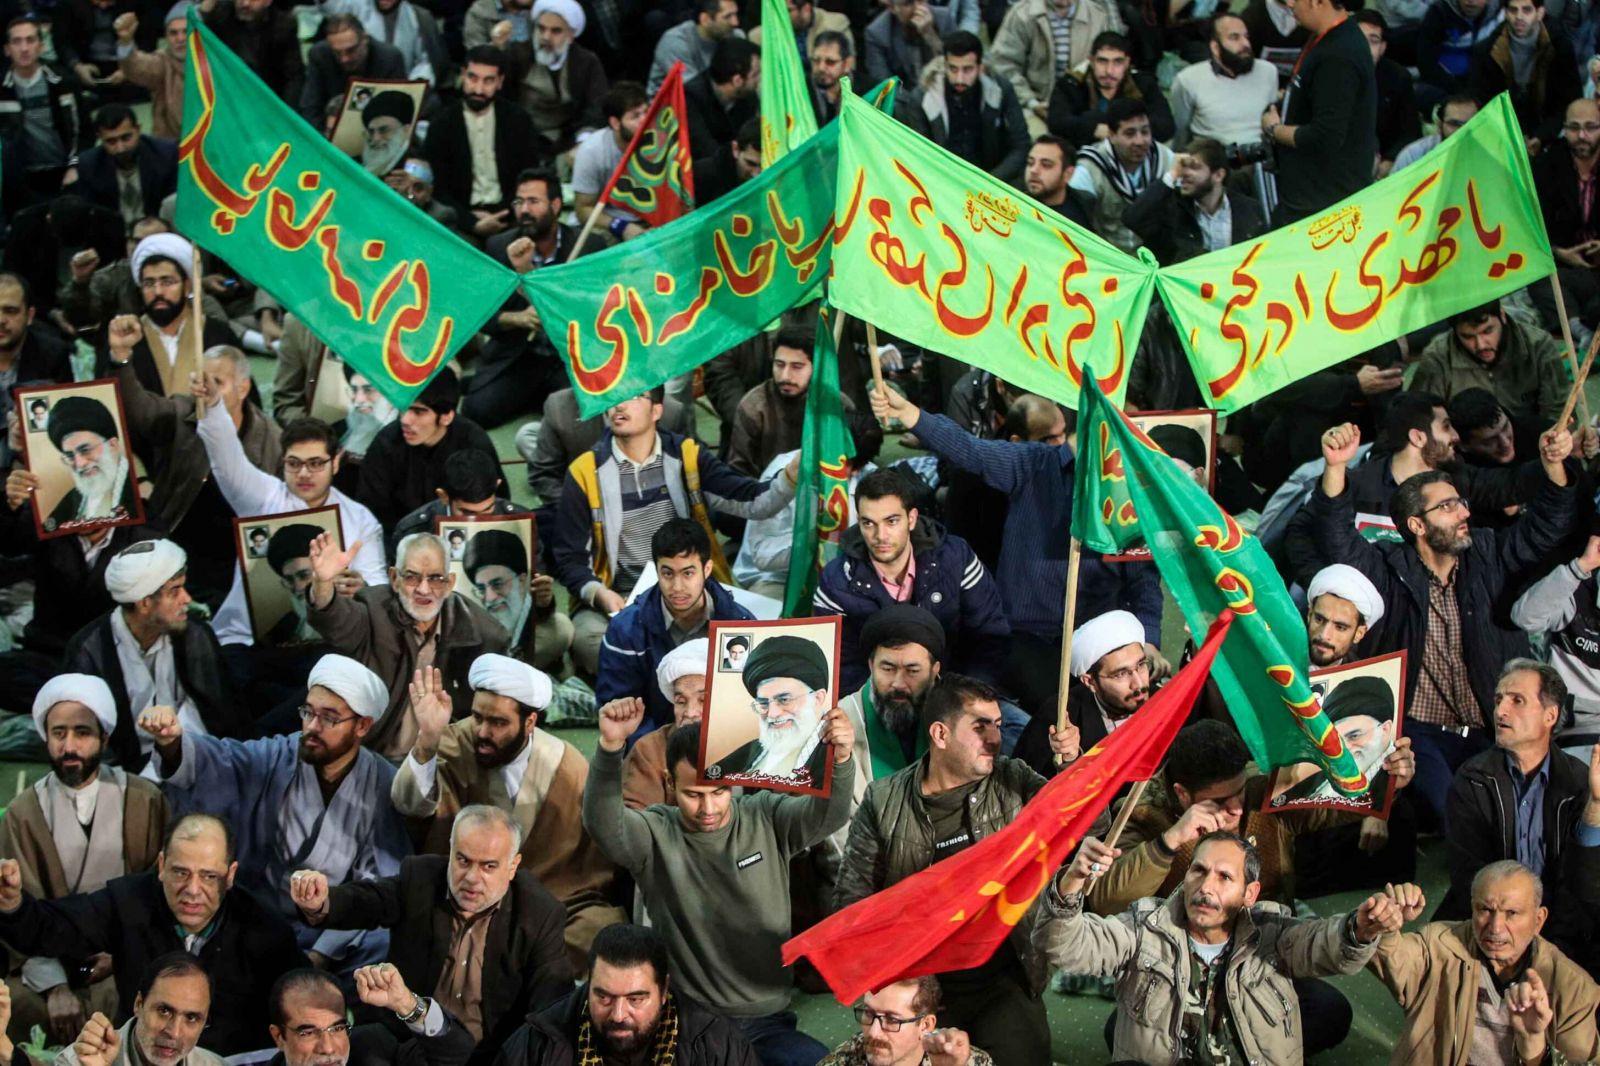 متظاهرين مؤيدين للنظام في إيران